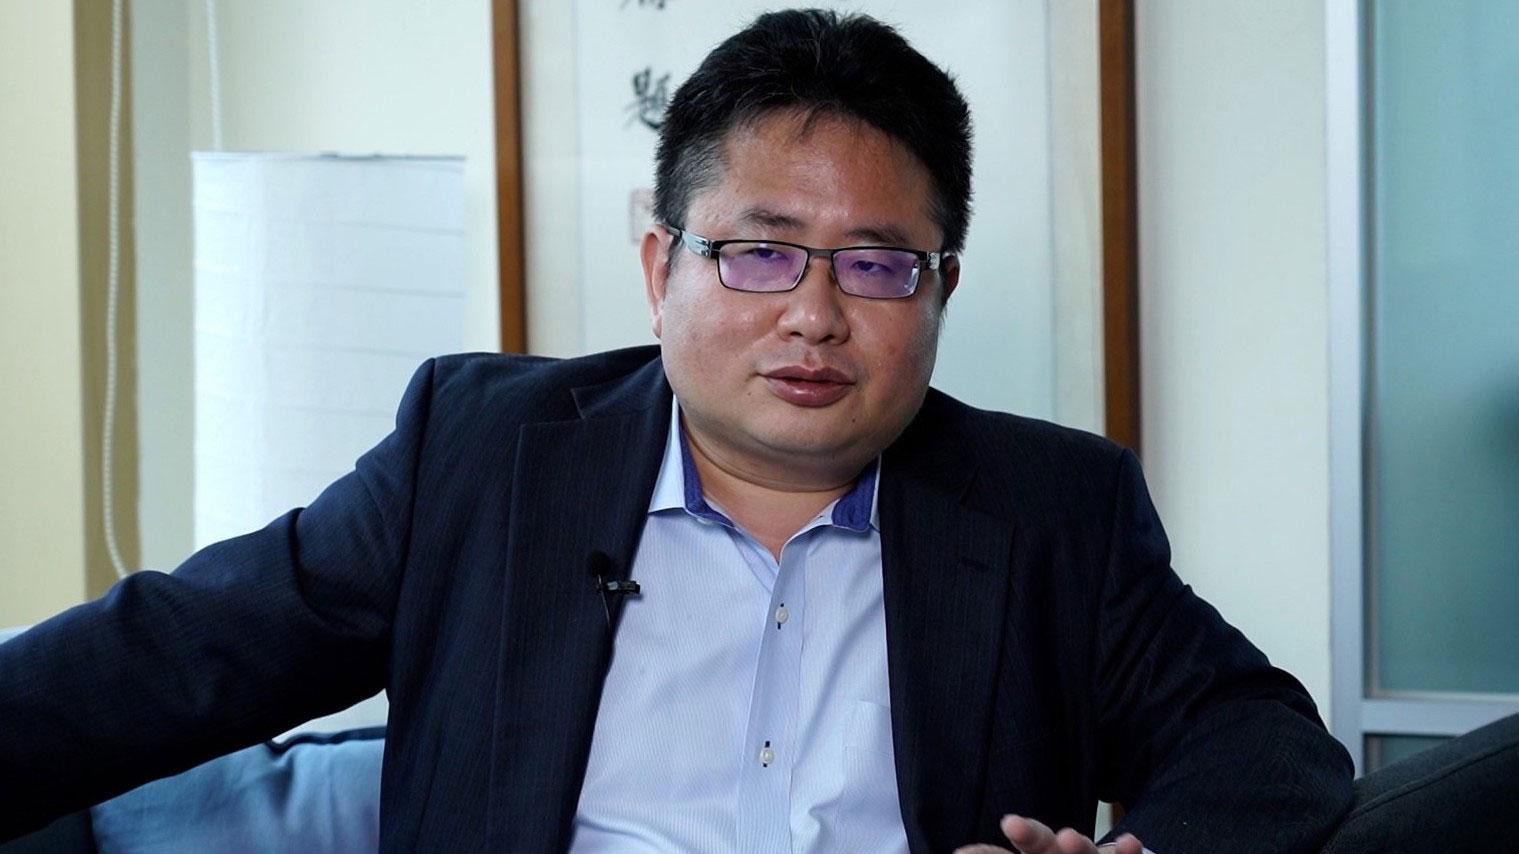 日本《产经新闻》台北支局长矢板明夫19日接受自由亚洲电台采访。(资料照、记者李宗翰摄)